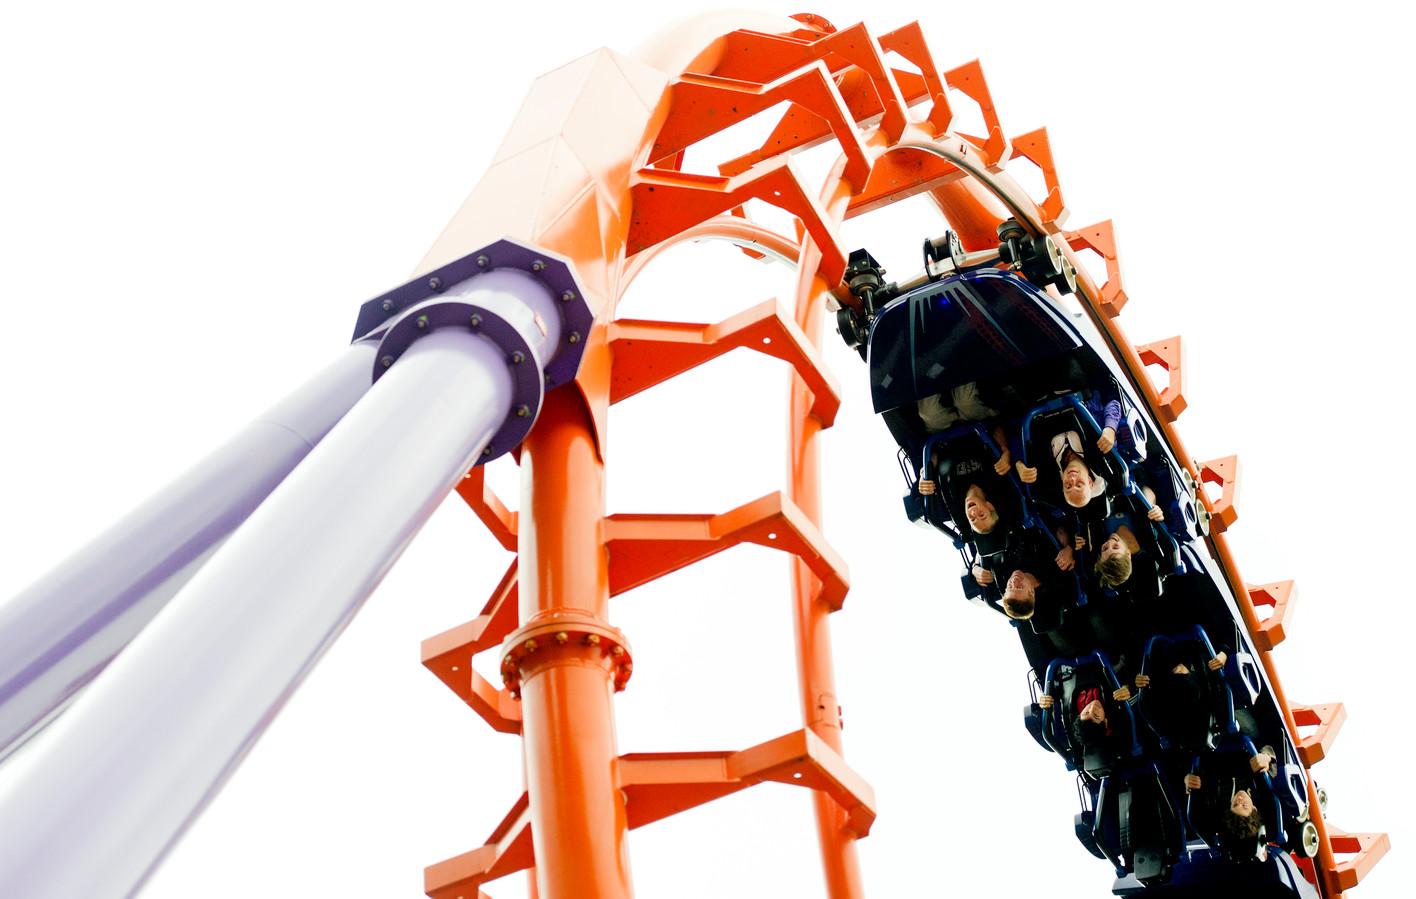 Bezoekers van attractiepark Walibi Holland genieten van de hoge snelheid in de Speed of Sound-attractie.